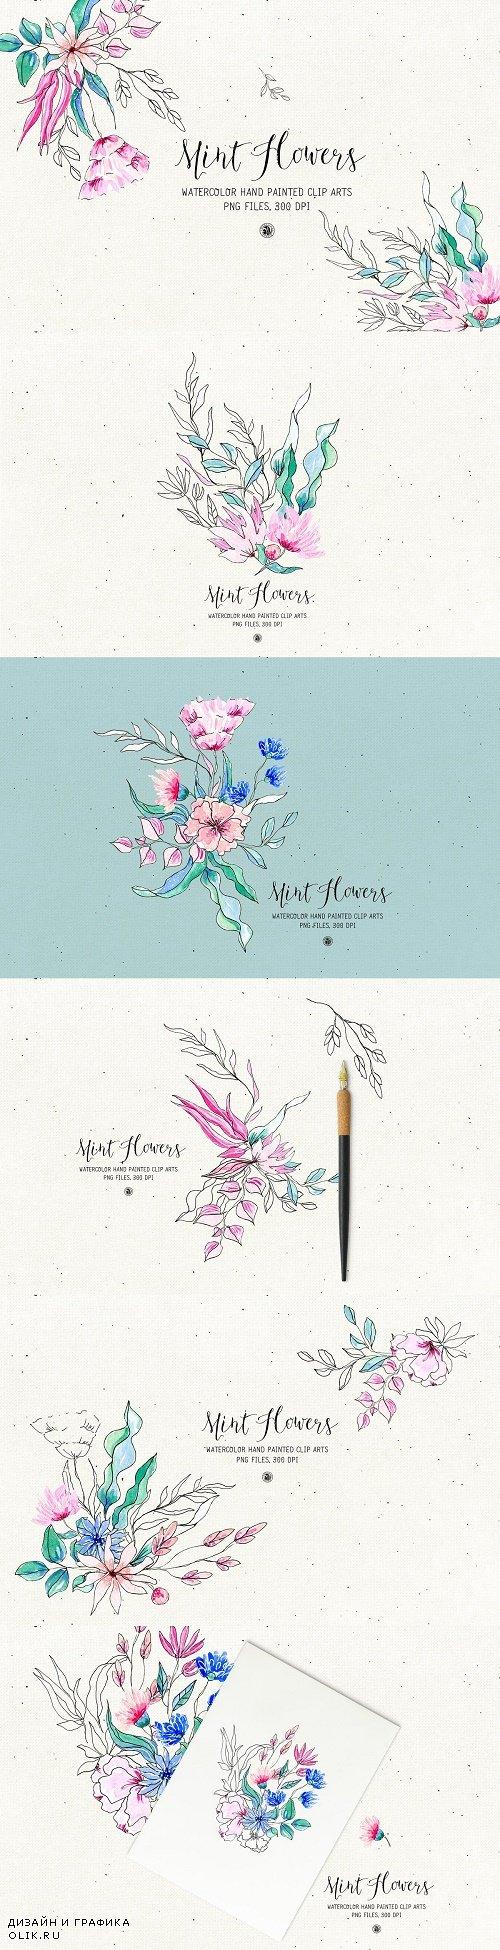 Mint Flowers - 3959913